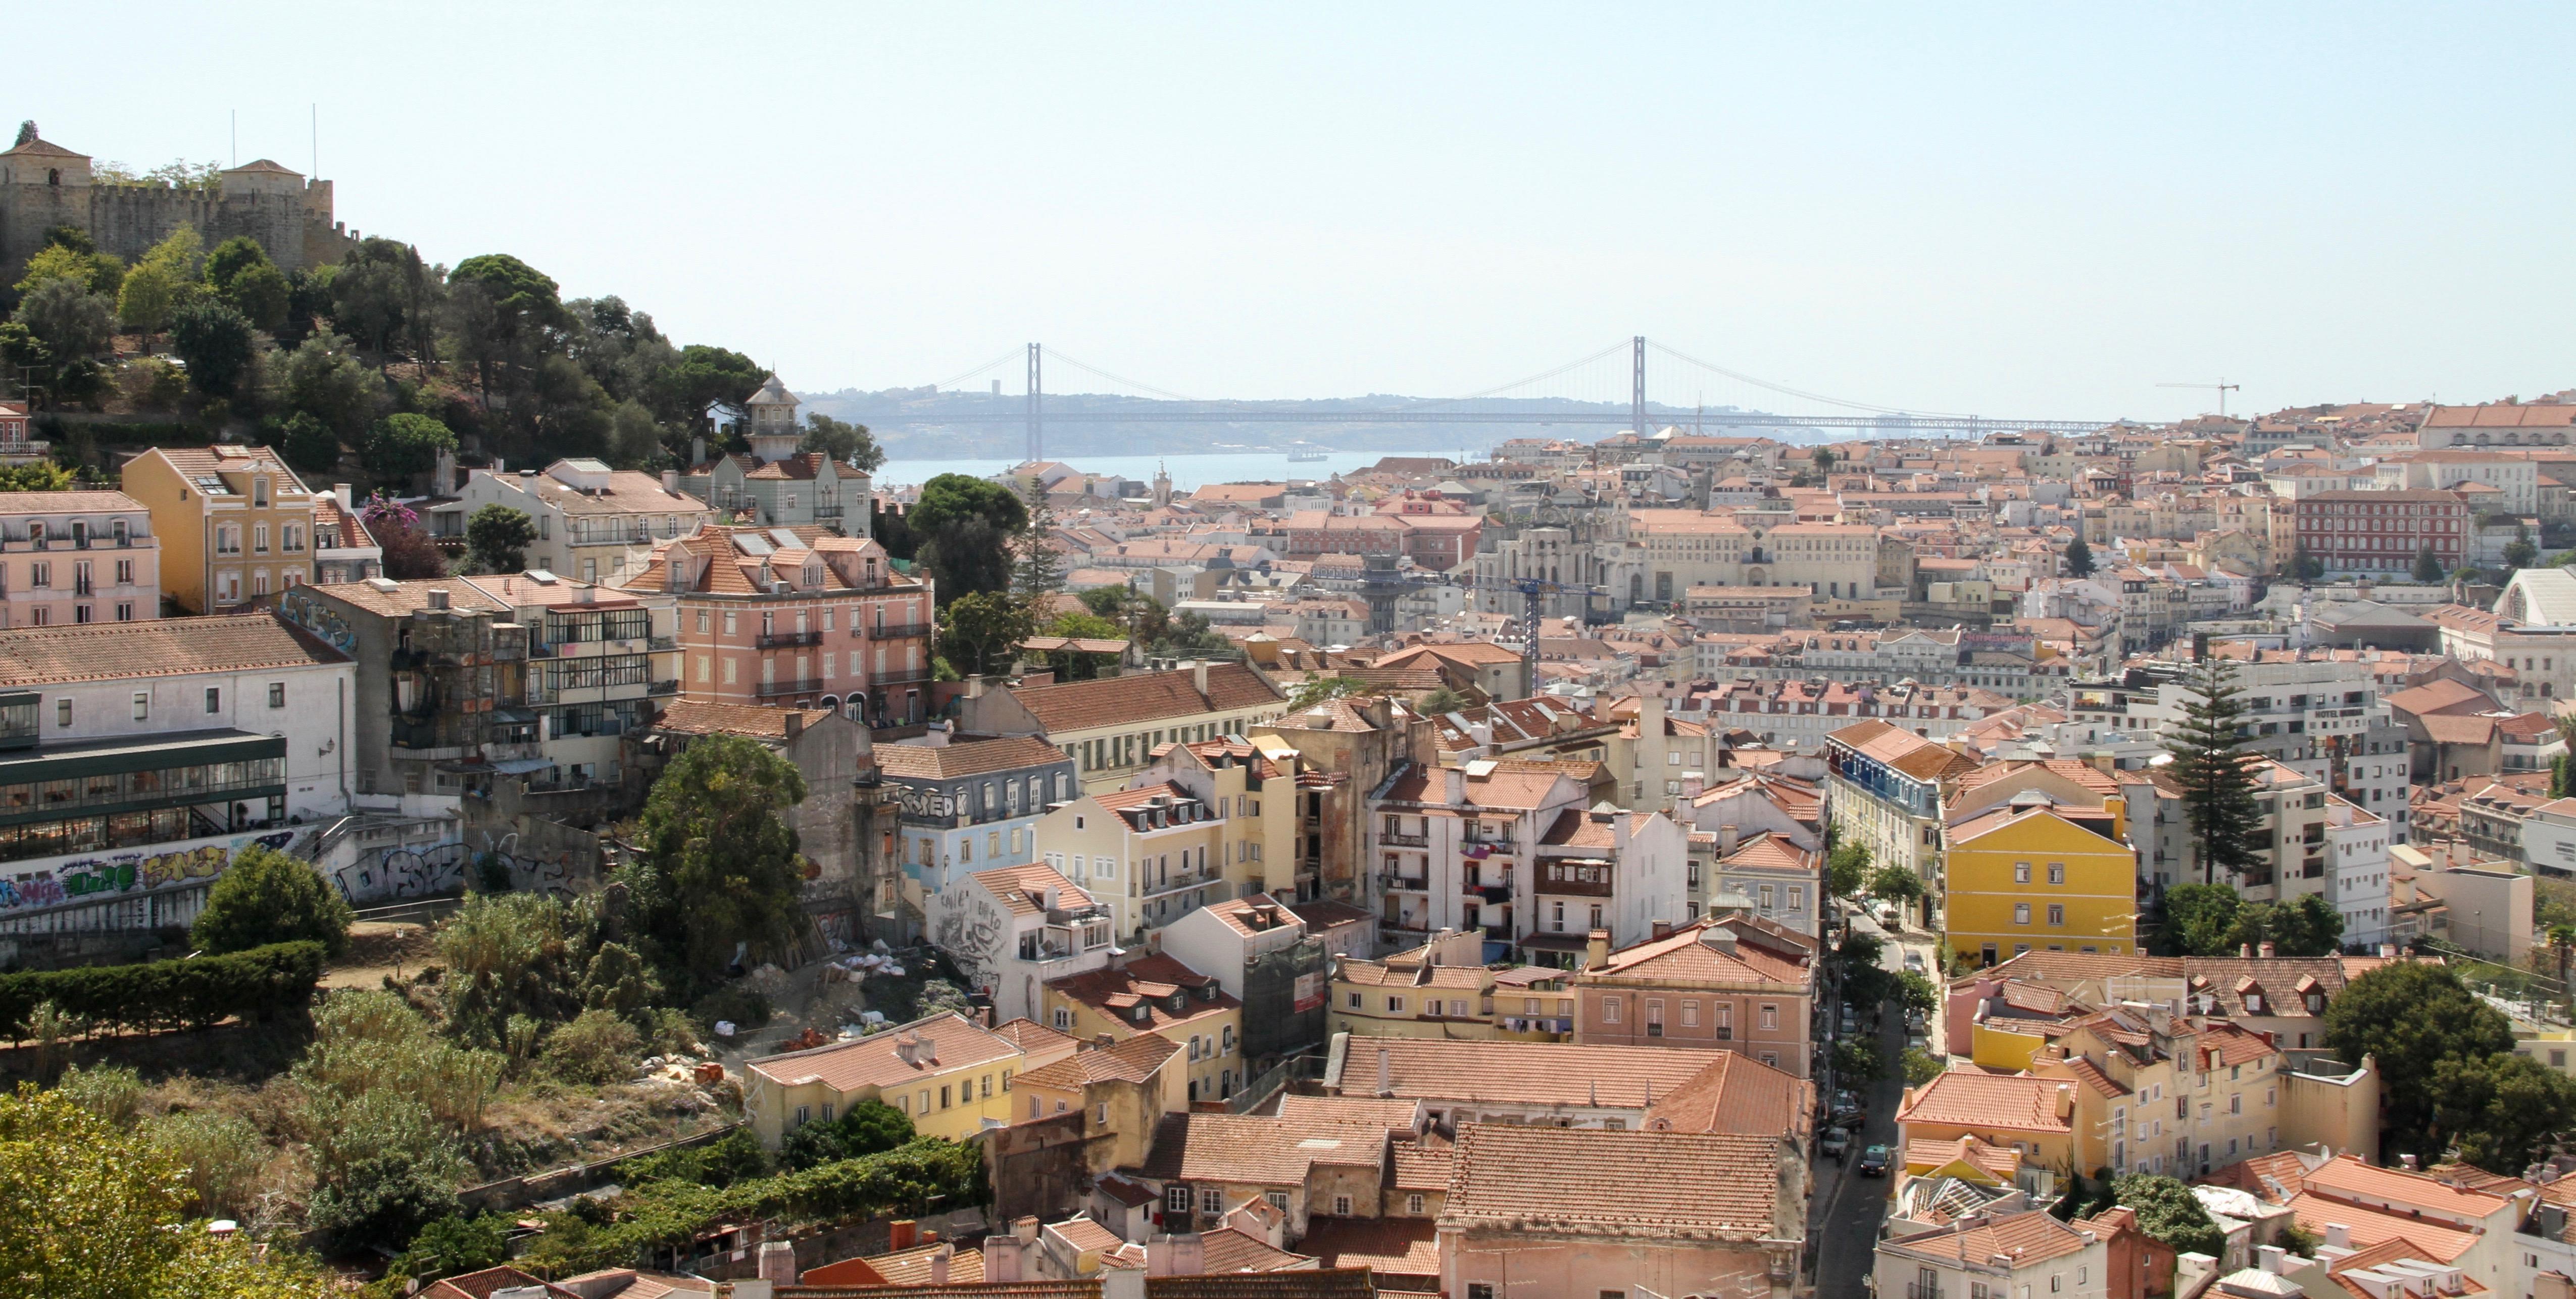 La vista del centro de Lisboa, con el Castillo de San Jorge sobre la colina a la izquierda, y el Puente 25 de abril sobre el río Tajo al fondo, en el centro. Foto tomada el domingo, 15 de septiembre de 2019.